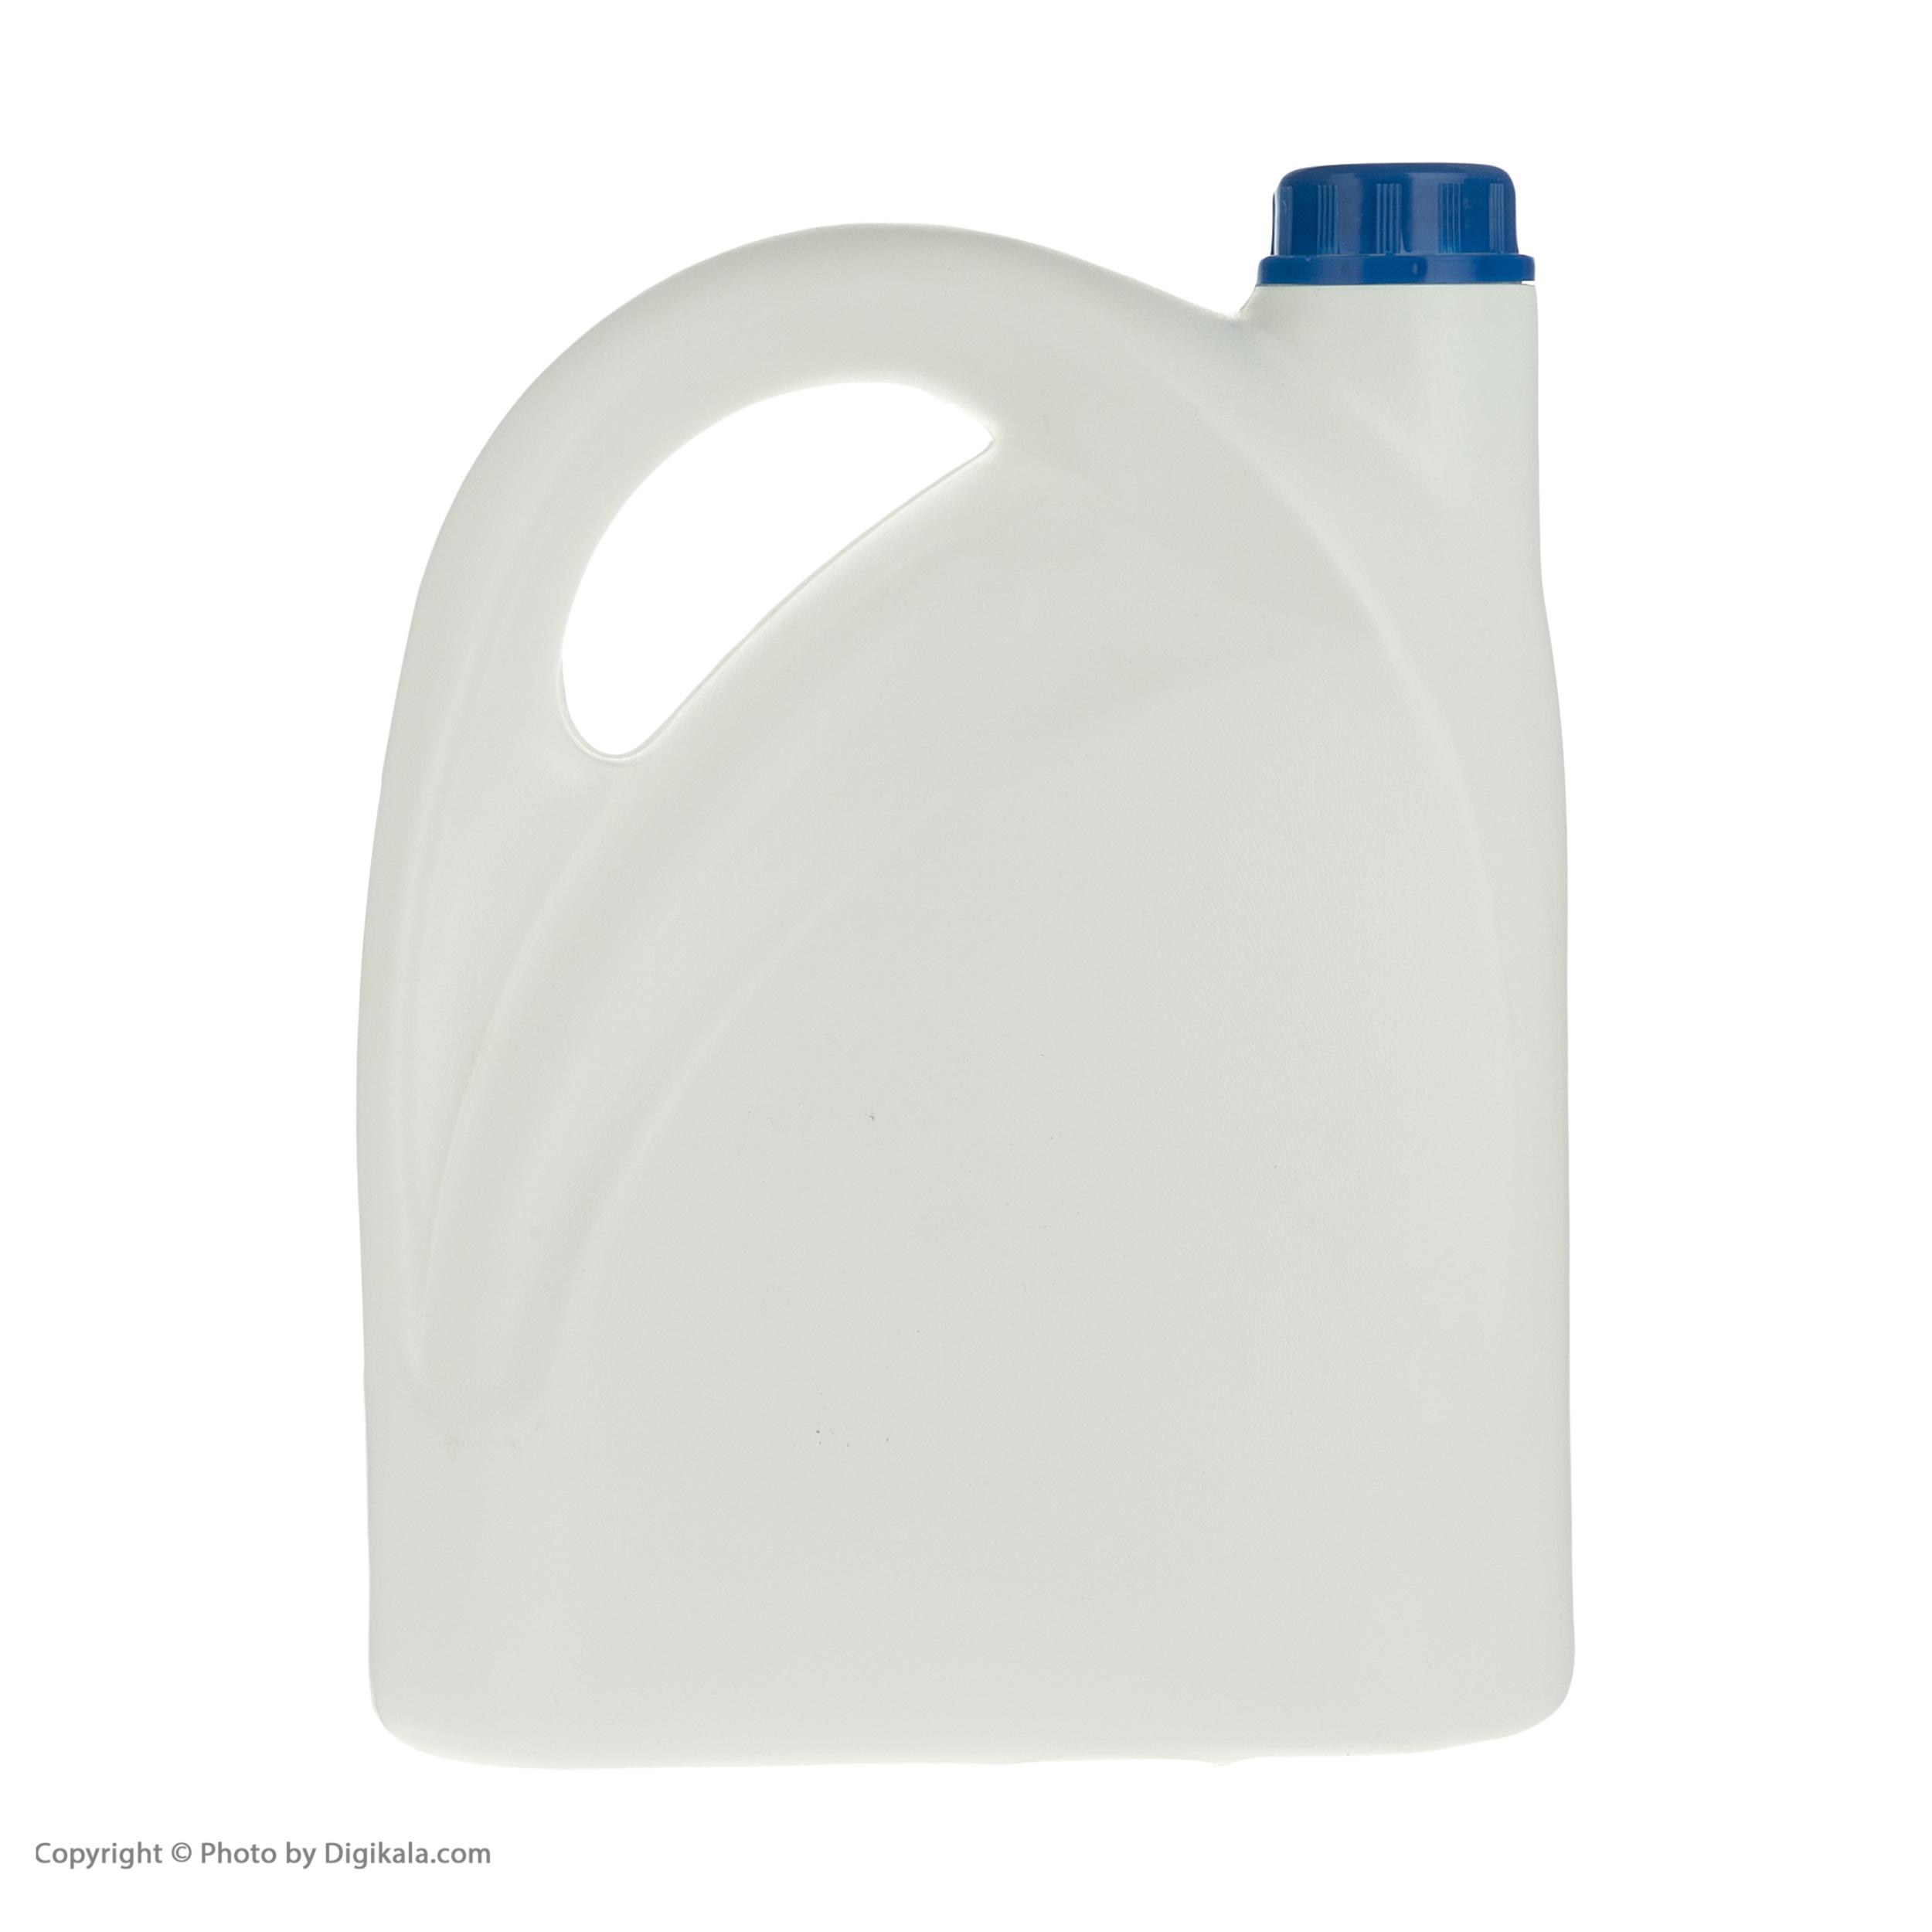 مایع دستشویی نیارو مدل Vanilla مقدار 3.75 کیلوگرم